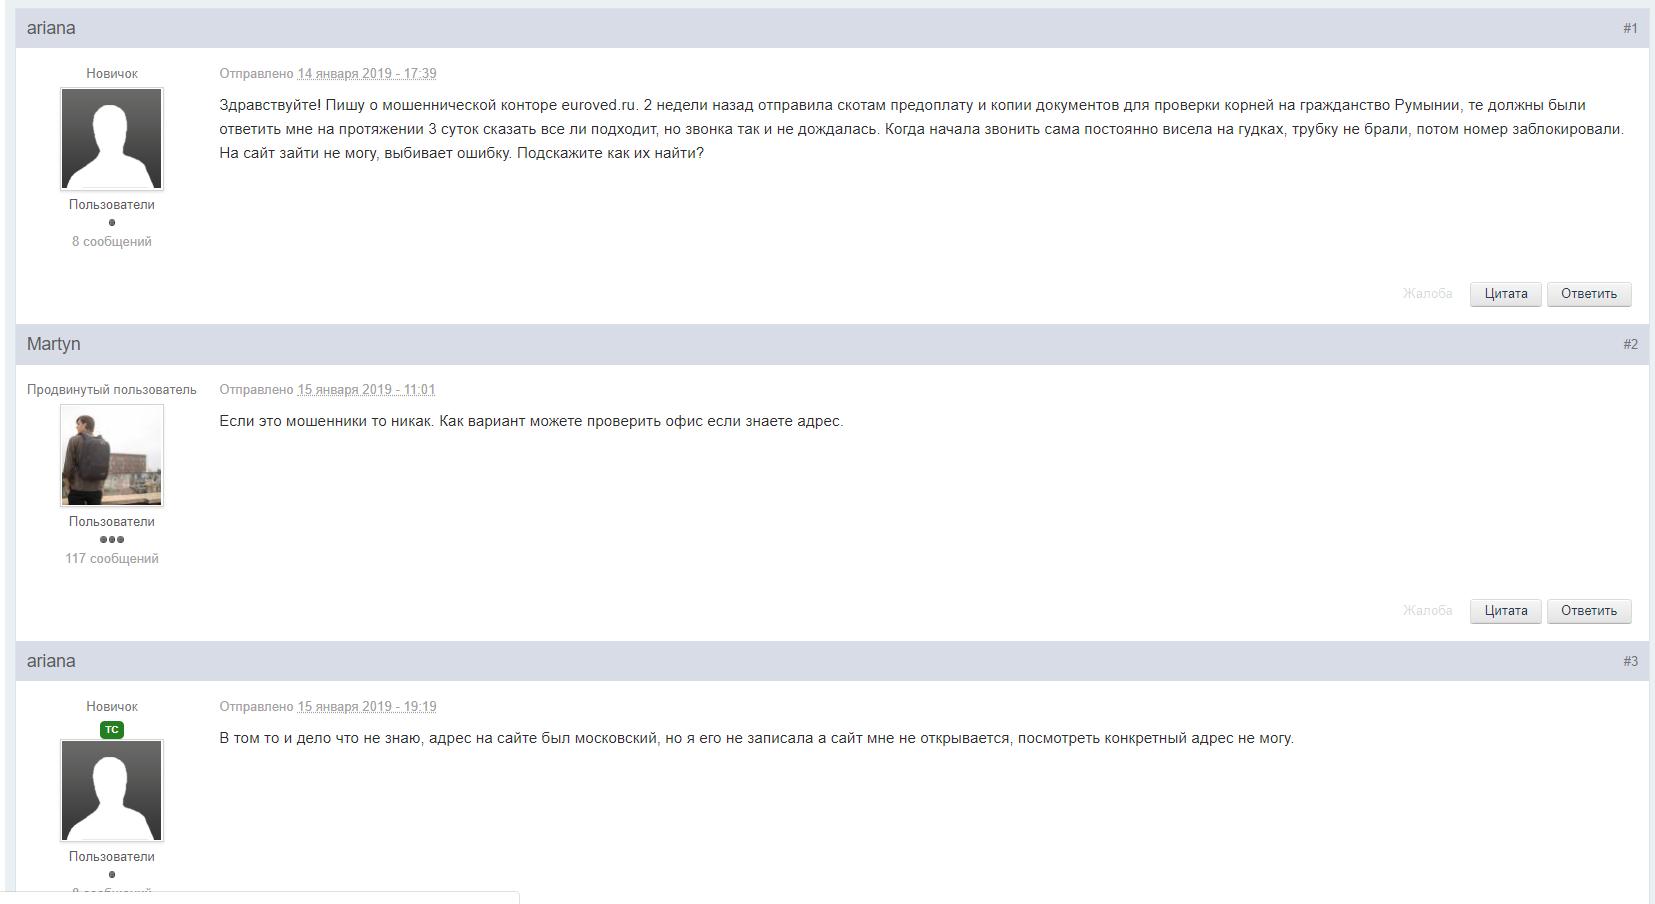 отзывы euroved.ru на forum-eu.com